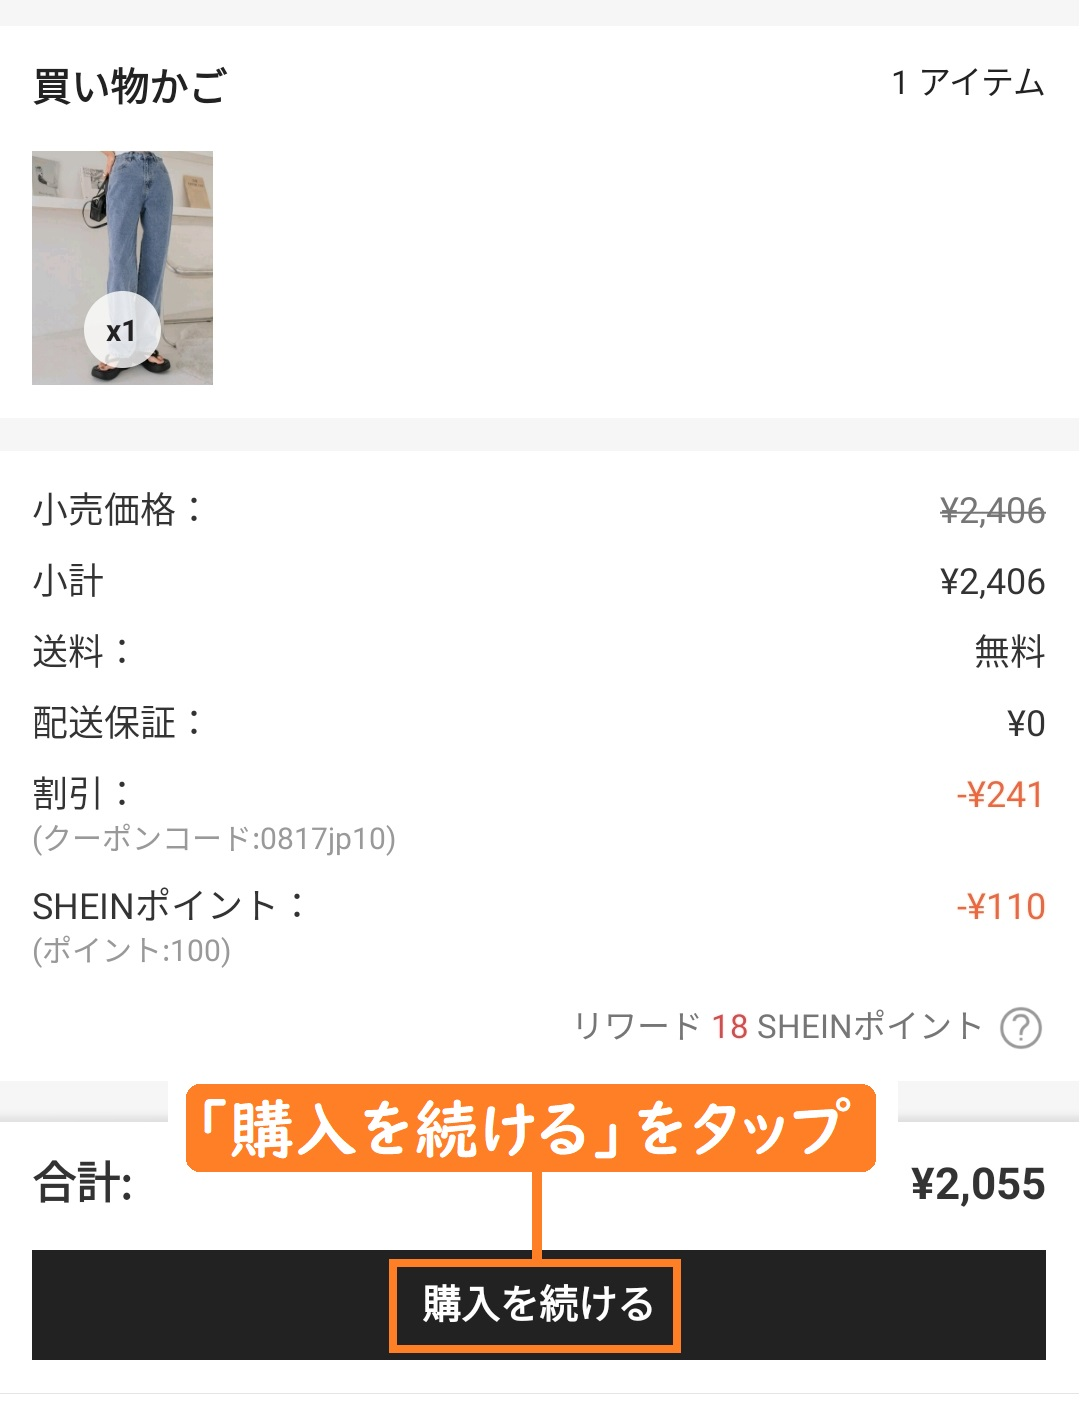 shein 買い方 スマホアプリ